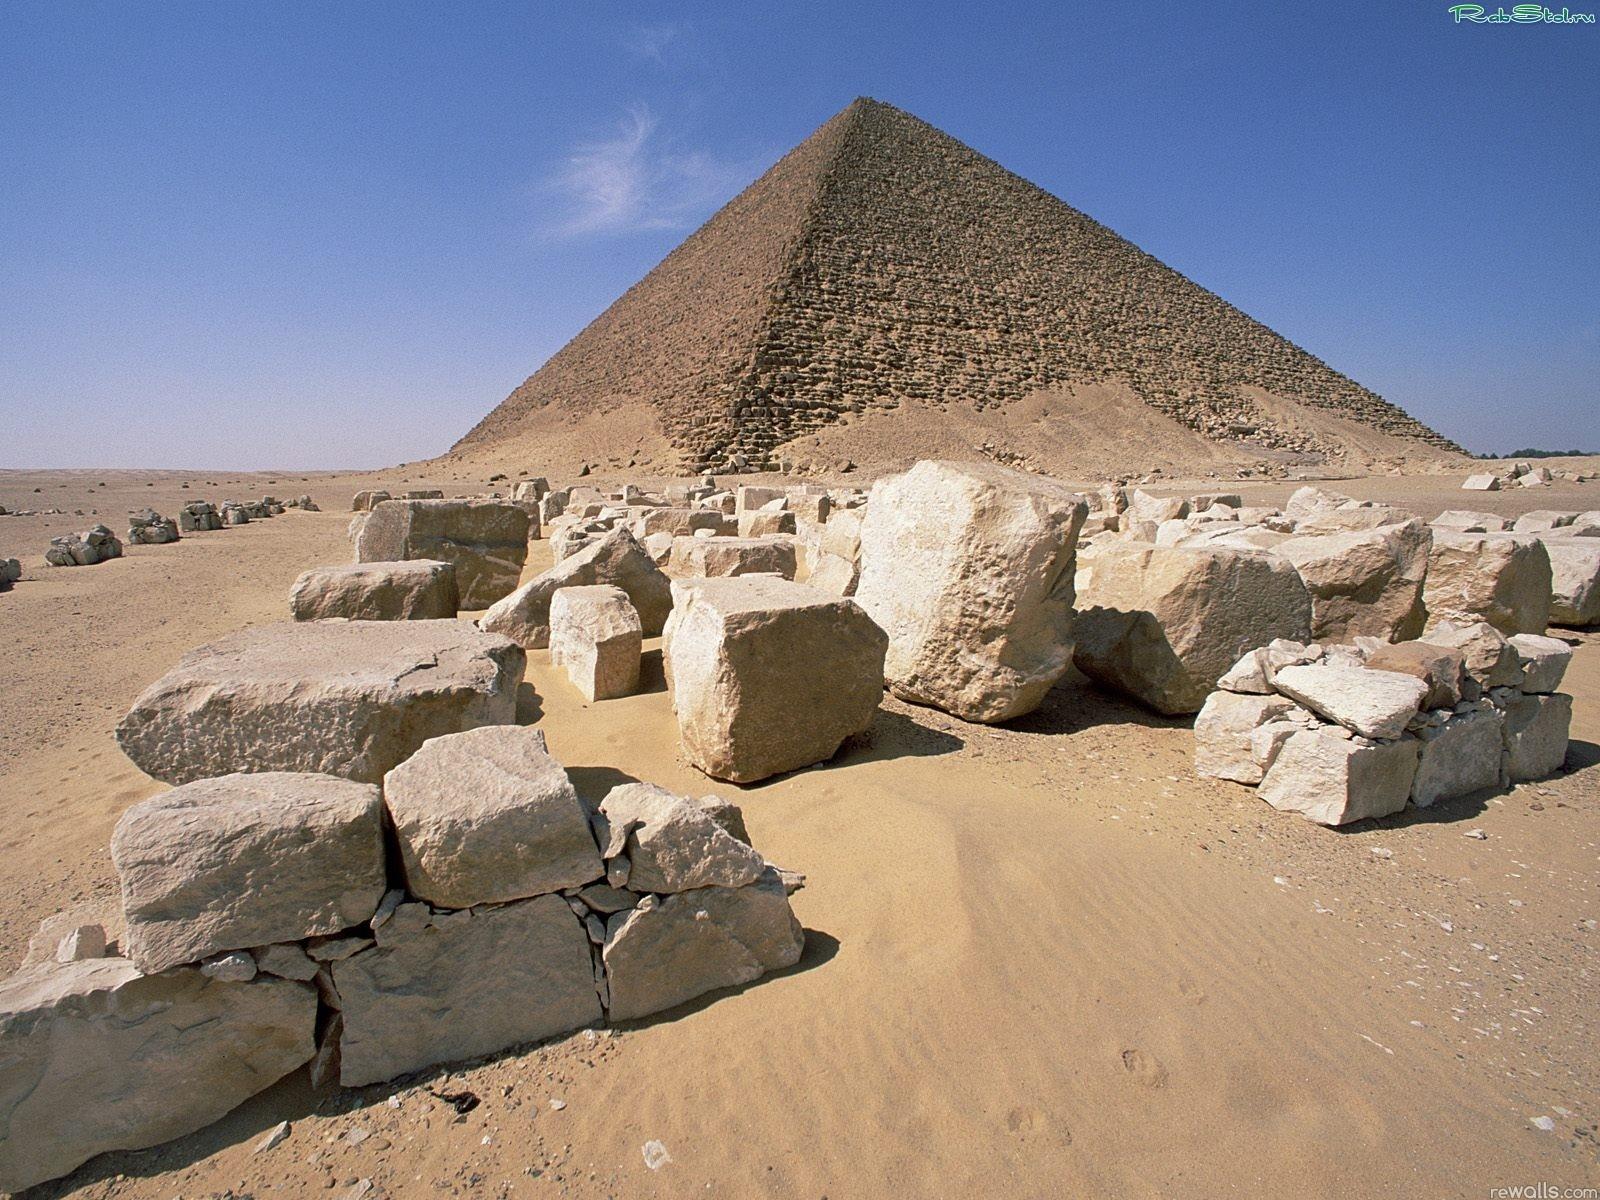 http://2.bp.blogspot.com/-QPgw3WUPY3U/TgKRX-O39OI/AAAAAAAABAM/rlUXnPYxsWk/s1600/pyramids-wallpaper-ruins-Egypt-sand-history-desktop.jpg